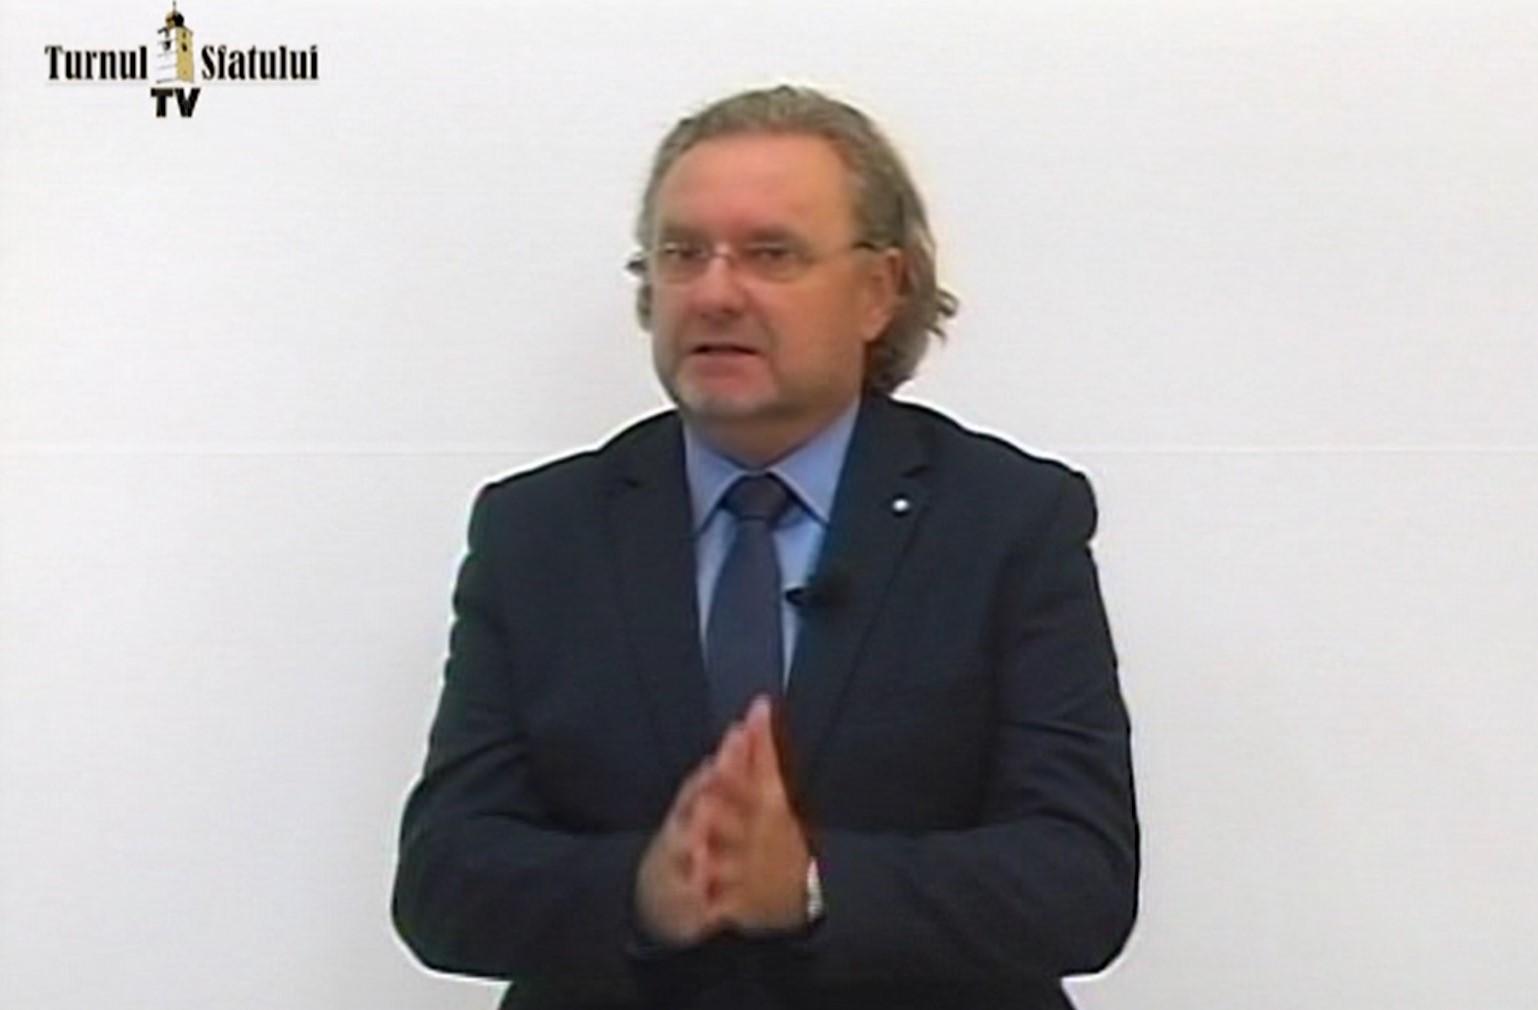 TSTV Prof. univ. dr. Zeno Pinter: Îi compătimesc pe colegii care se ocupă de cultura și civilizația dacică. Se vehiculează niște baliverne groaznice